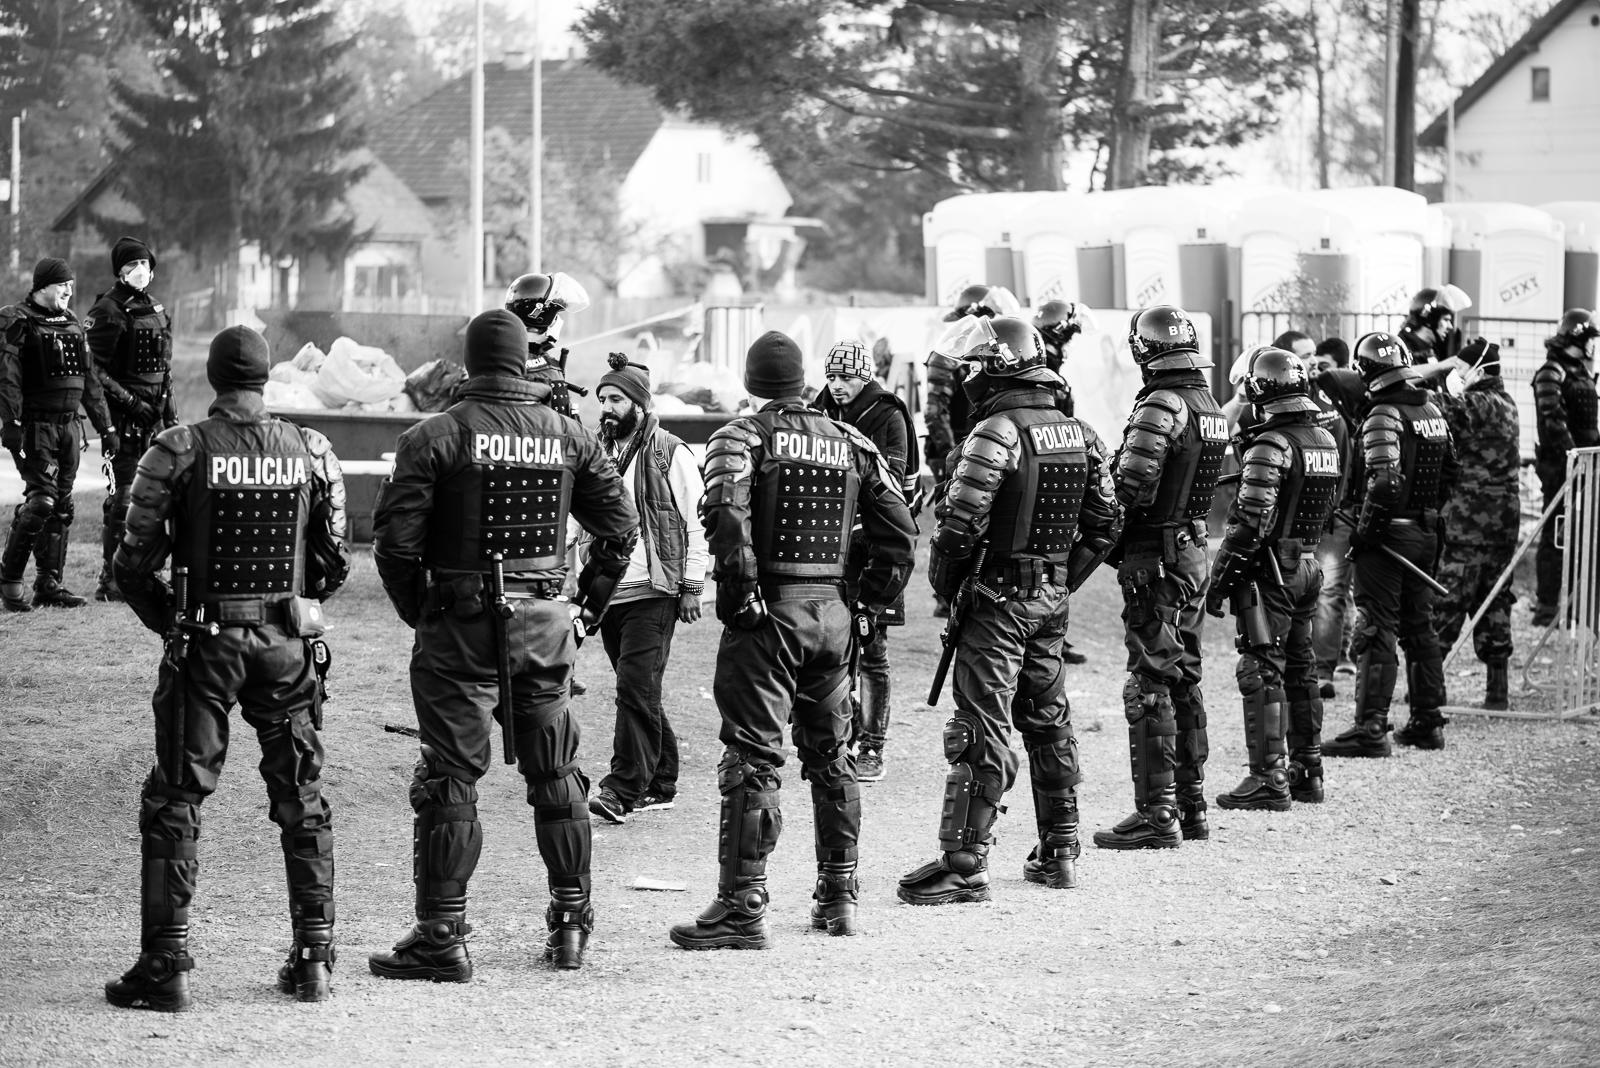 Cops VS migrants